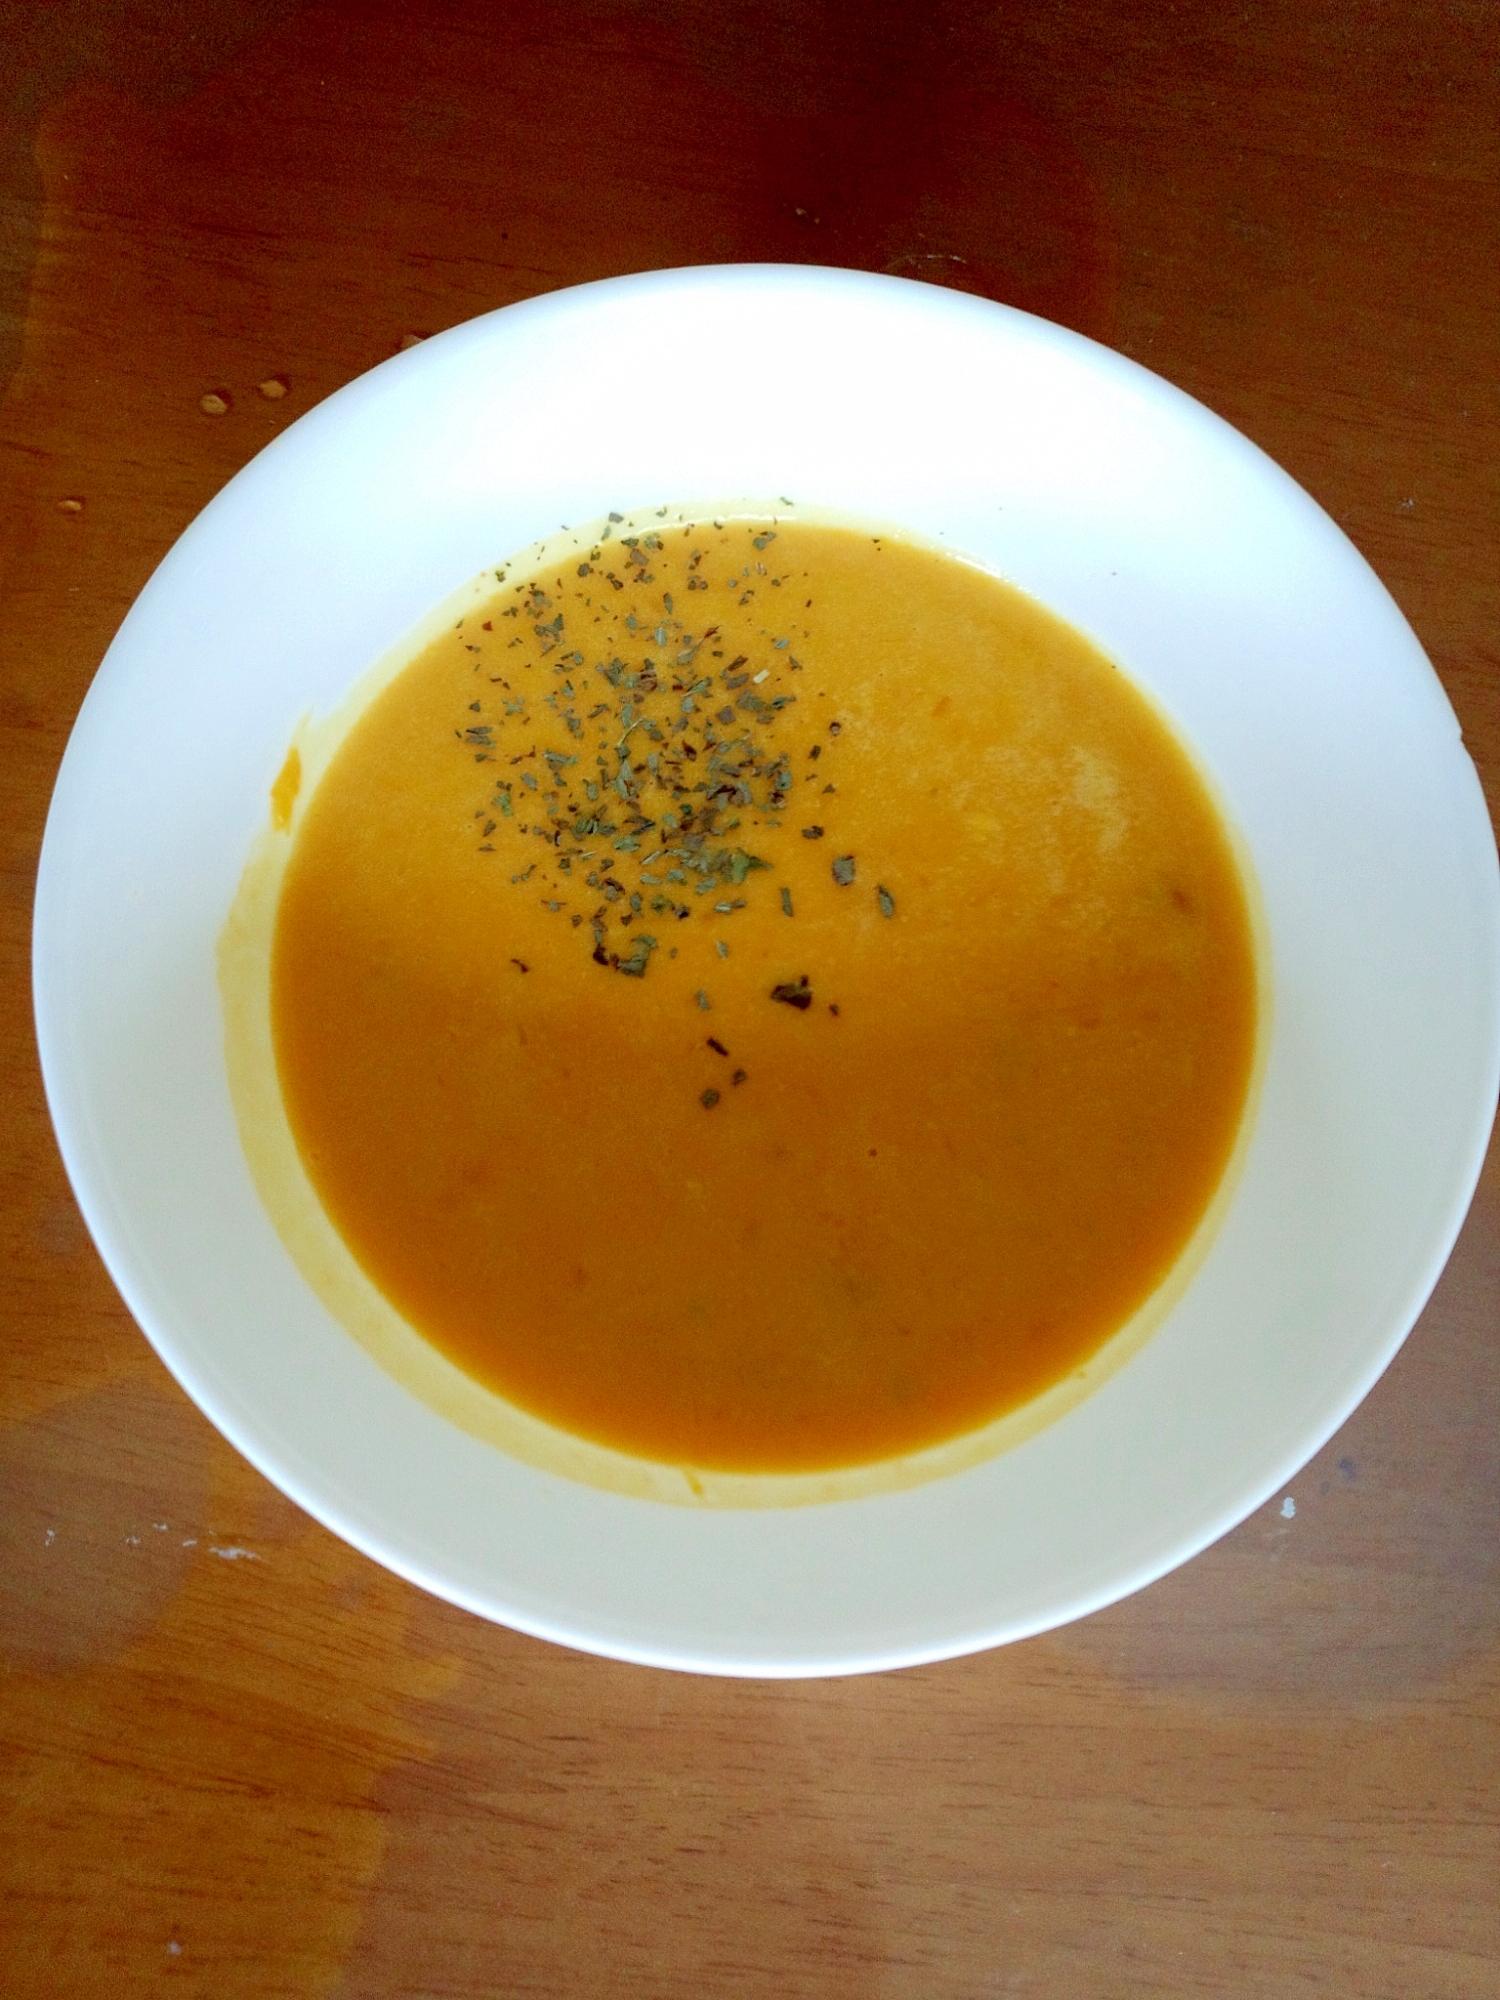 余ったかぼちゃの煮物でパンプキンスープ